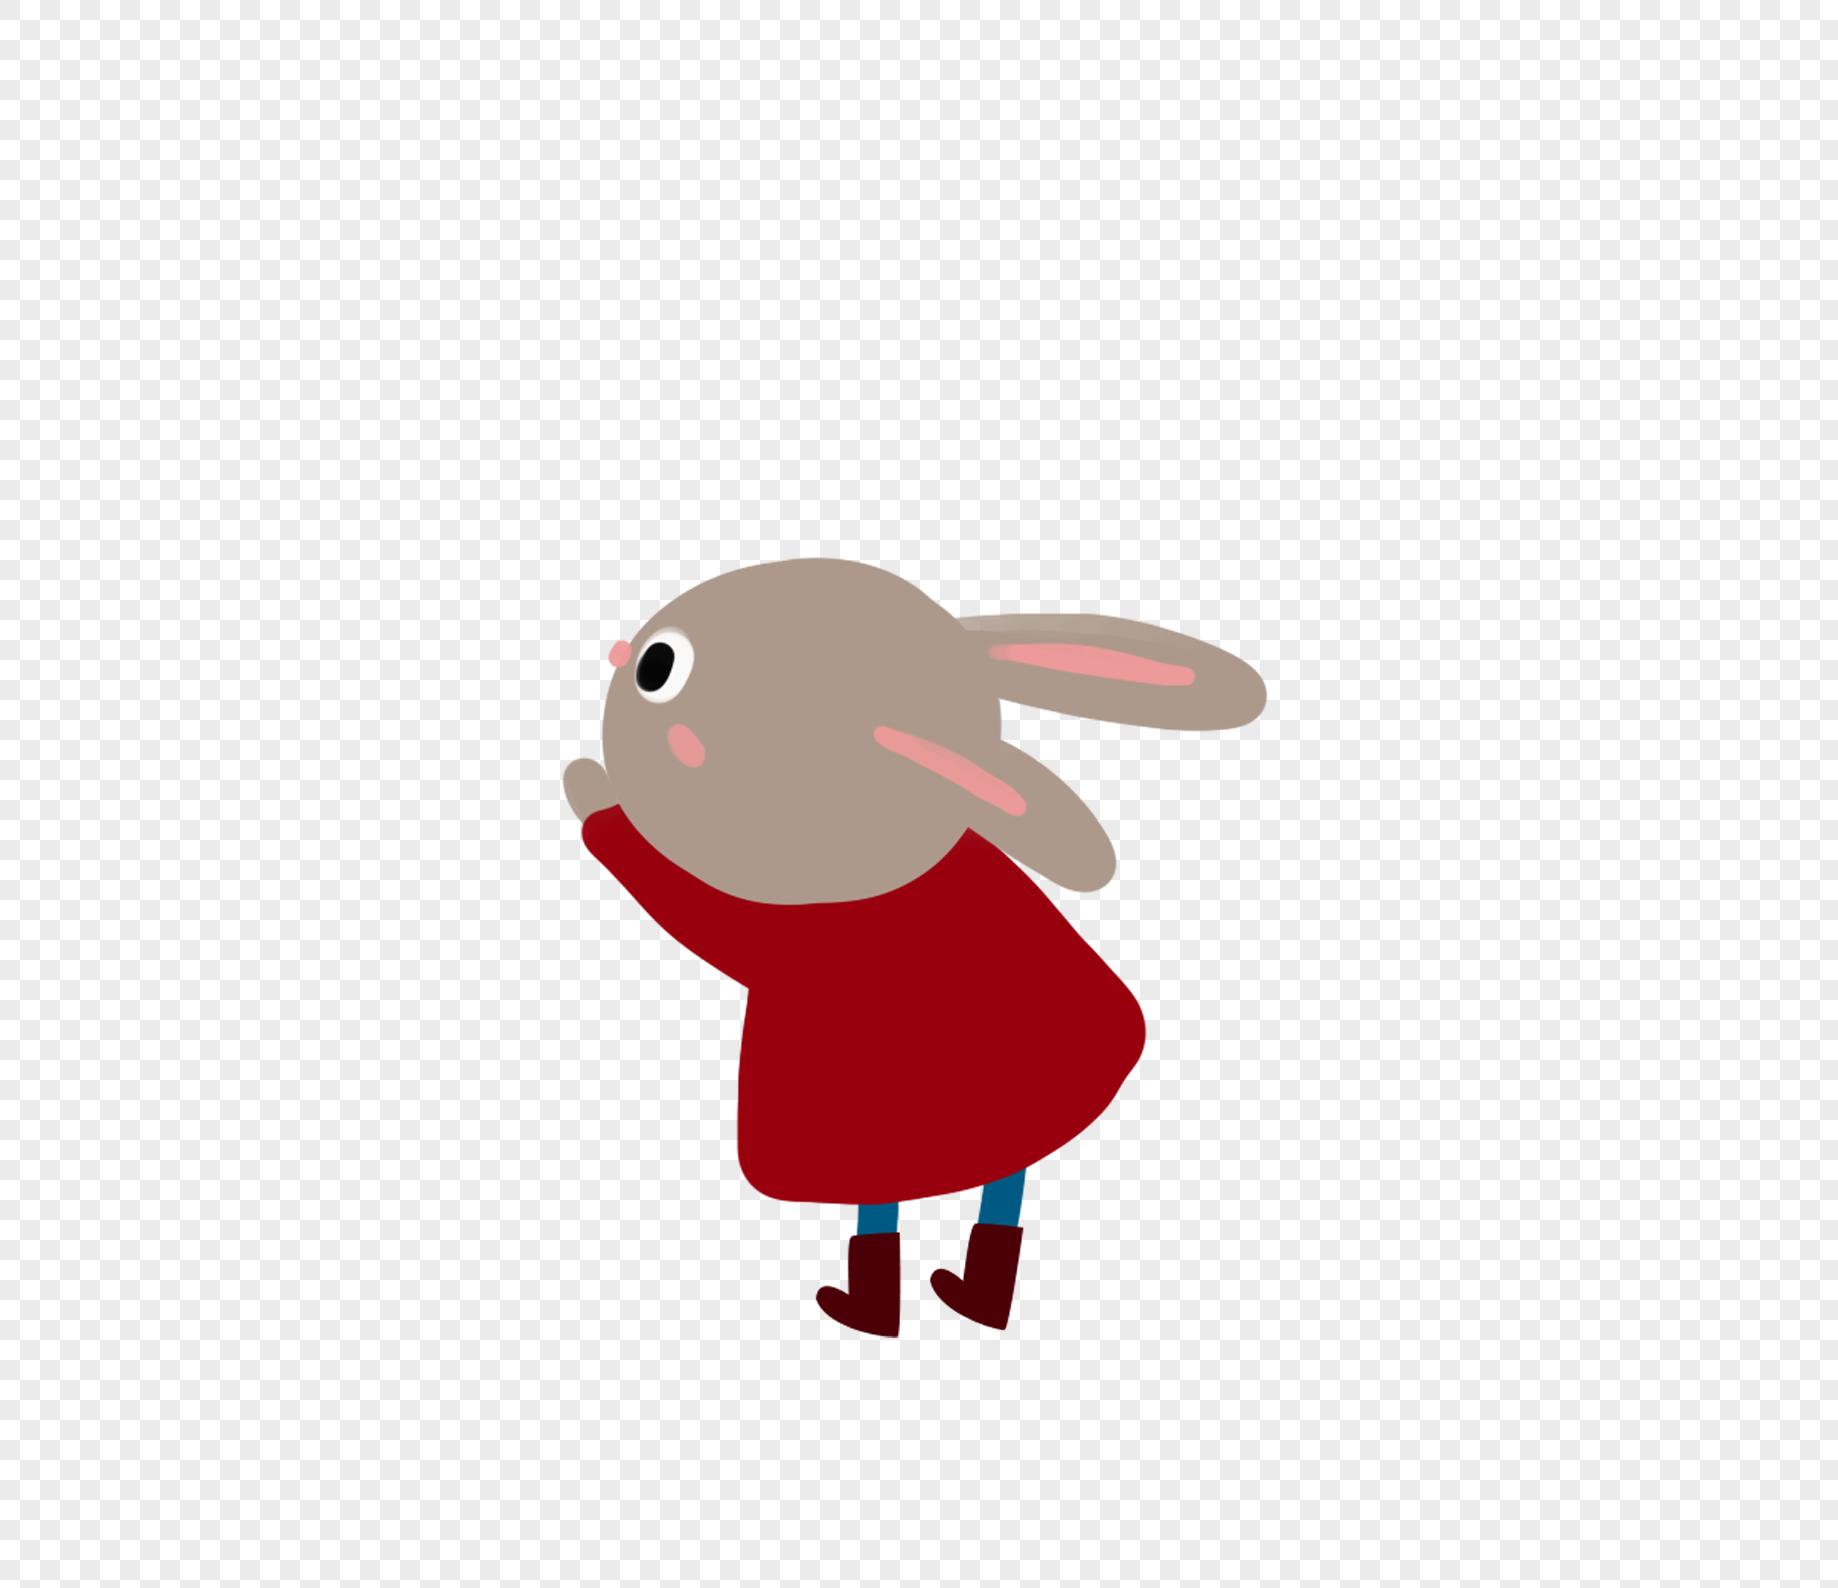 Karikatür Tavşan Resmi Resimgrafik Numarası 400758899trlovepikcom